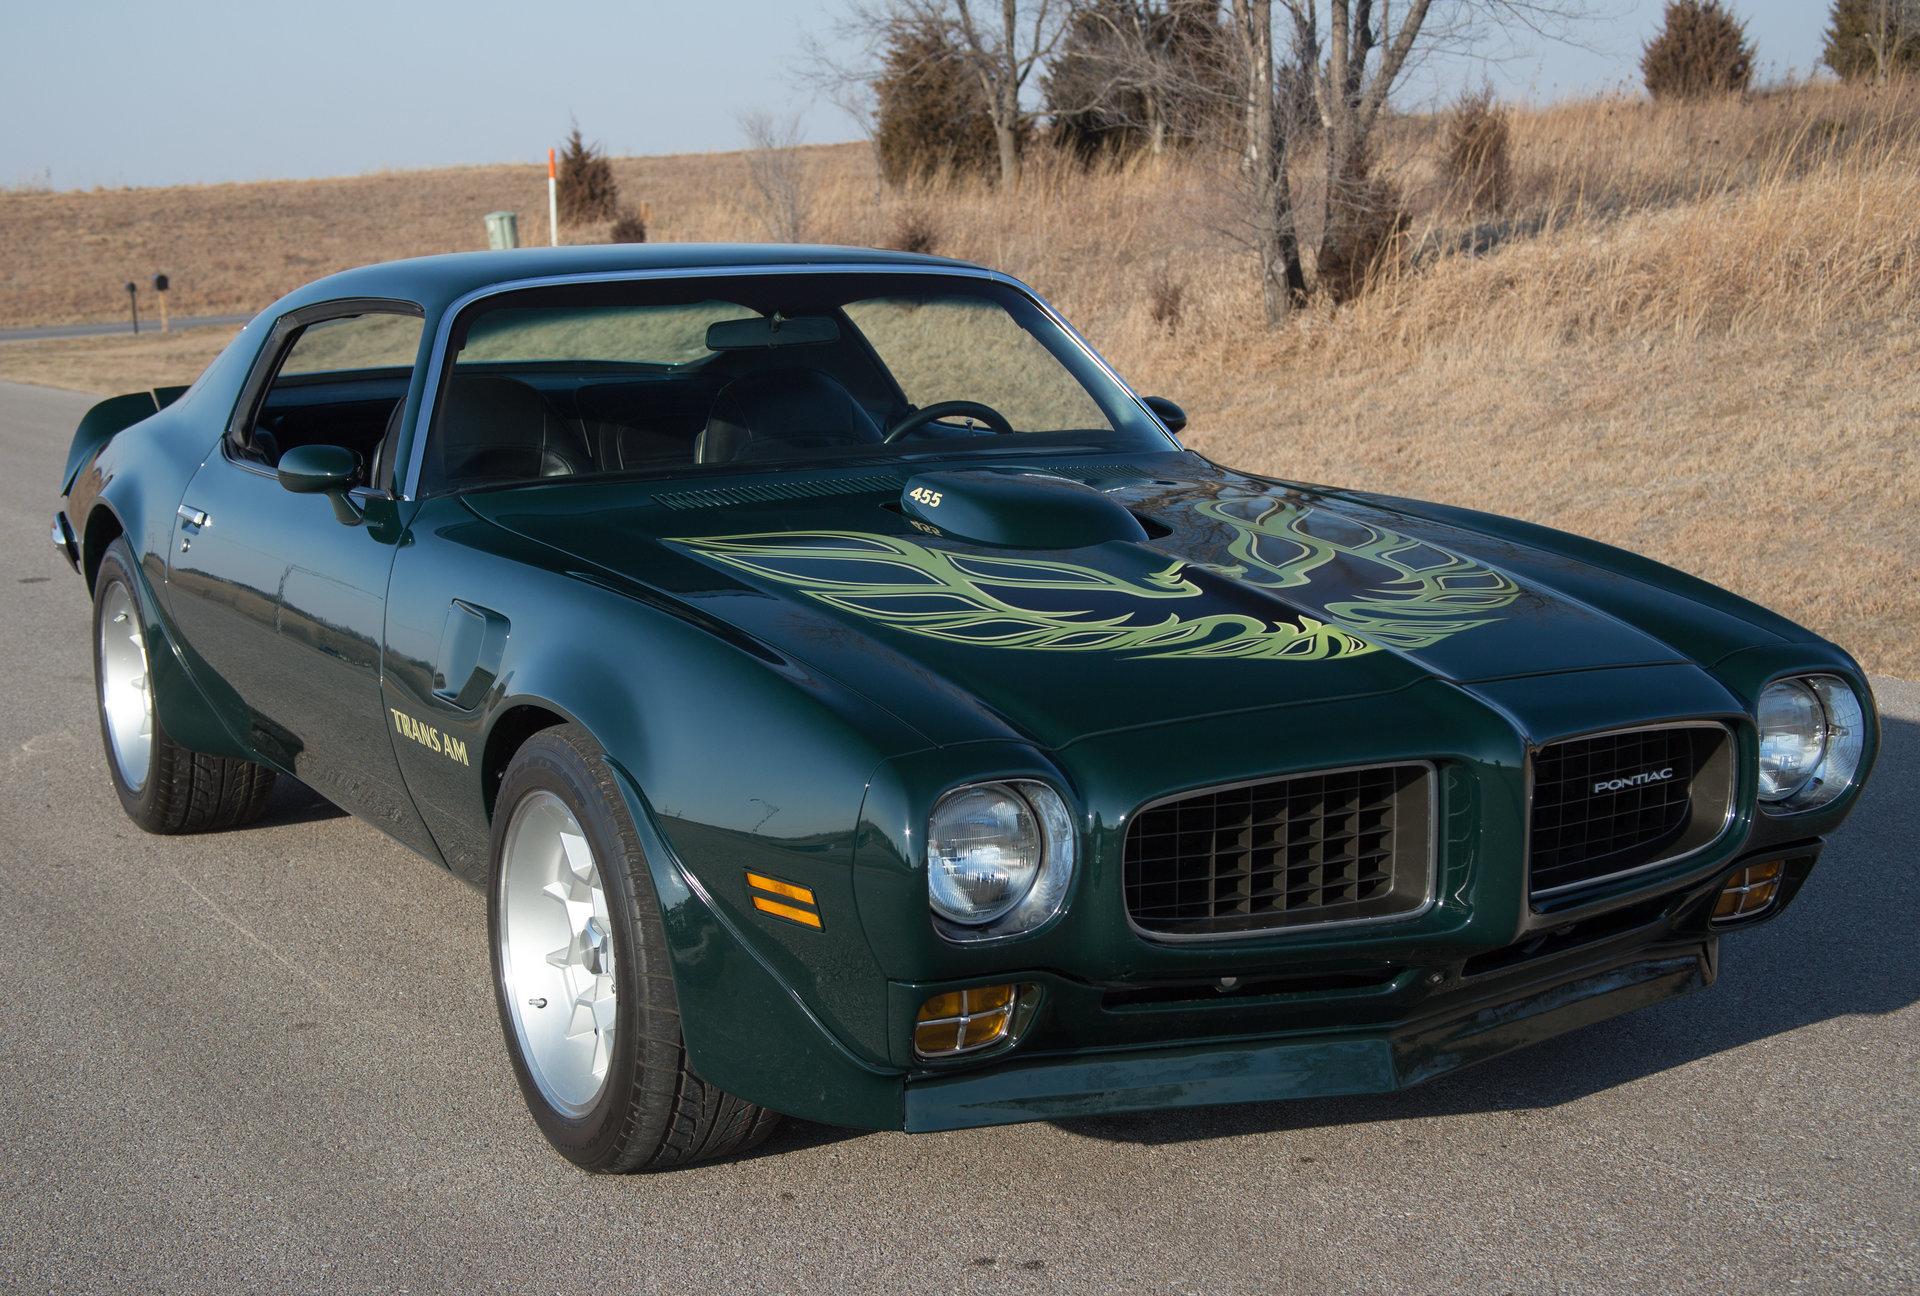 1973 Pontiac Firebird Trans Am For Sale: 1973 Pontiac Trans Am For Sale #83771